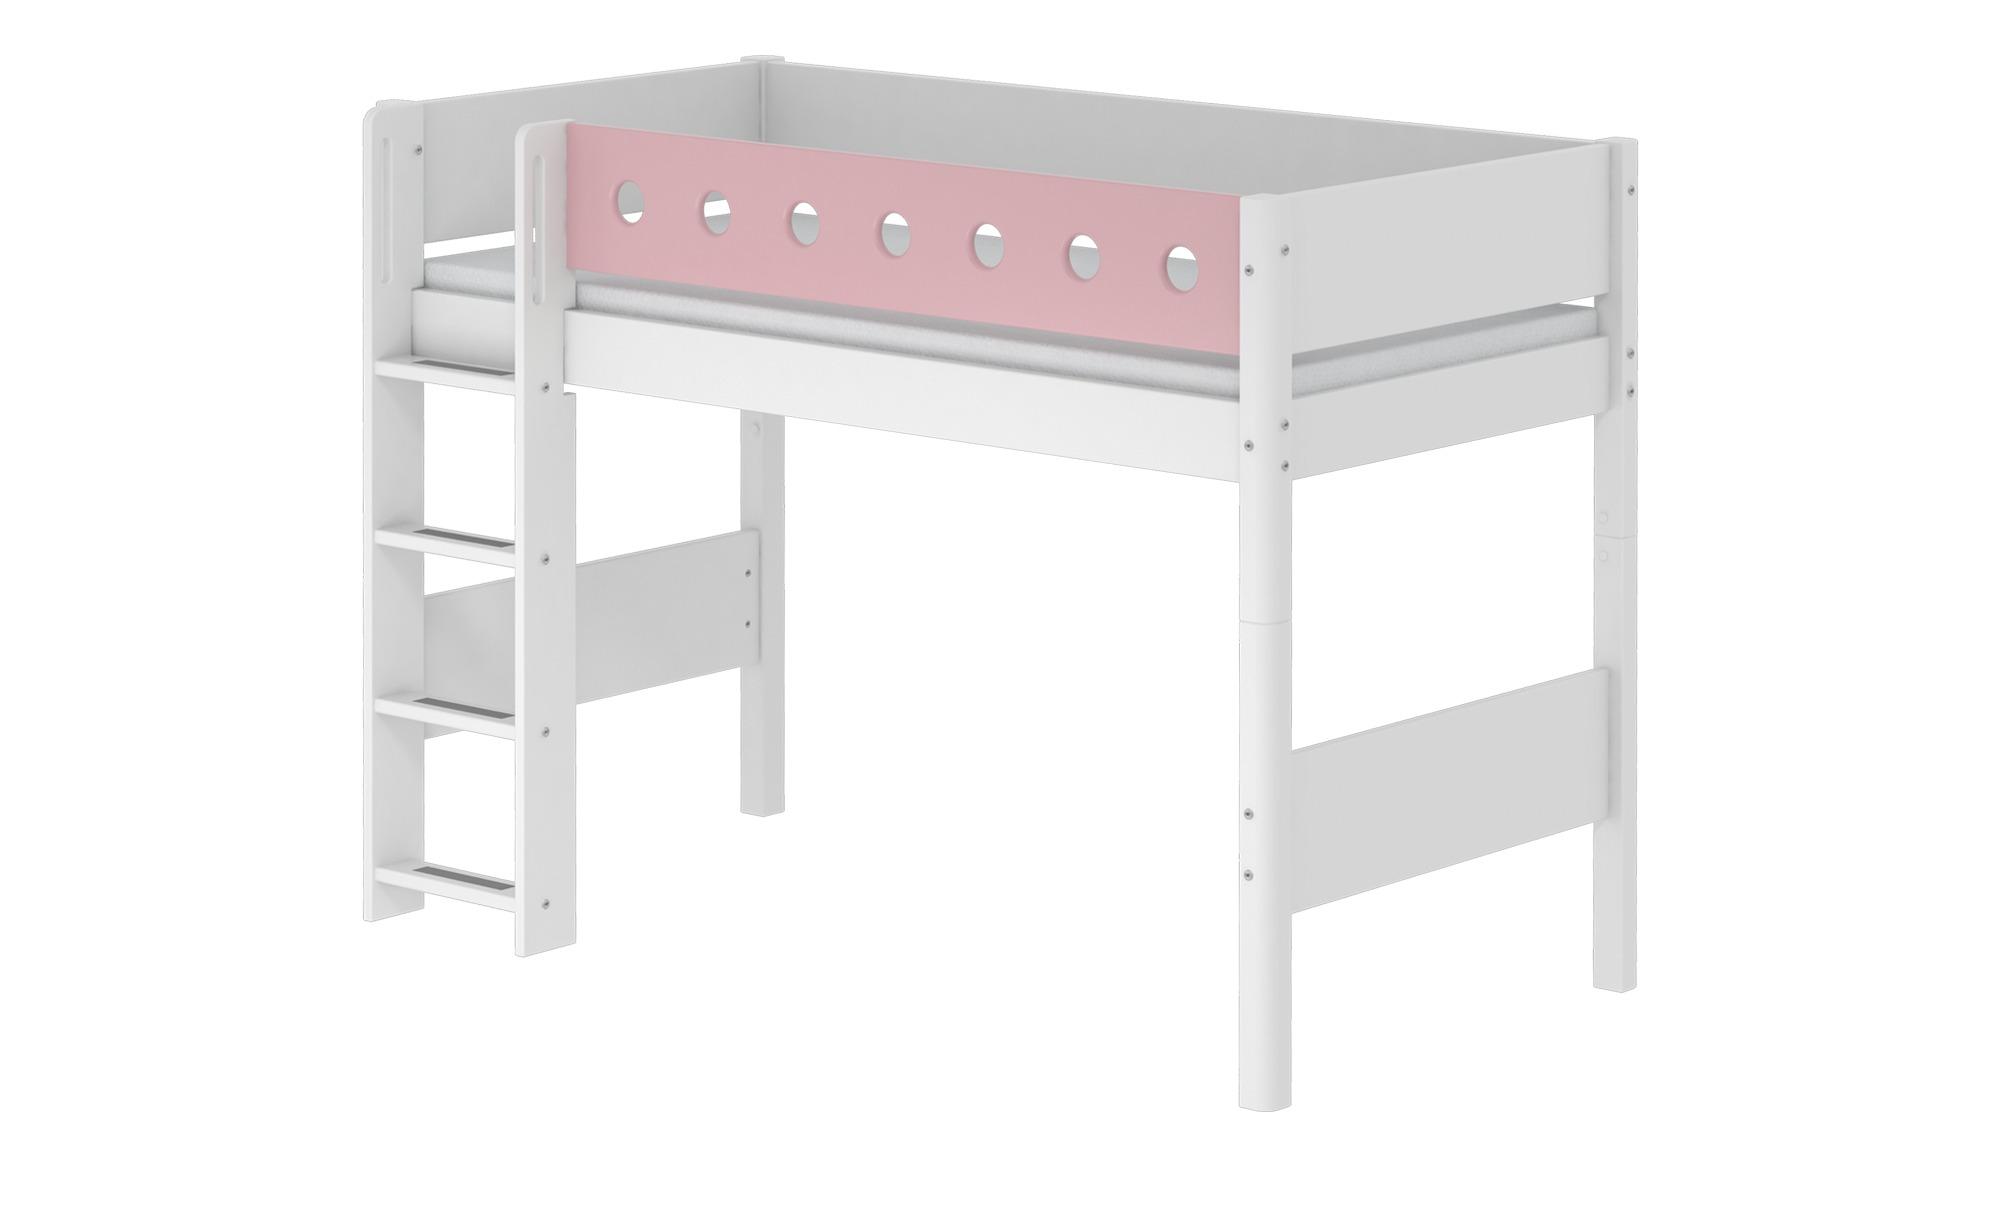 Bezaubernd Flexa Mittelhohes Bett Ideen Von Mit Leiter White Breite: 109 Cm Höhe: